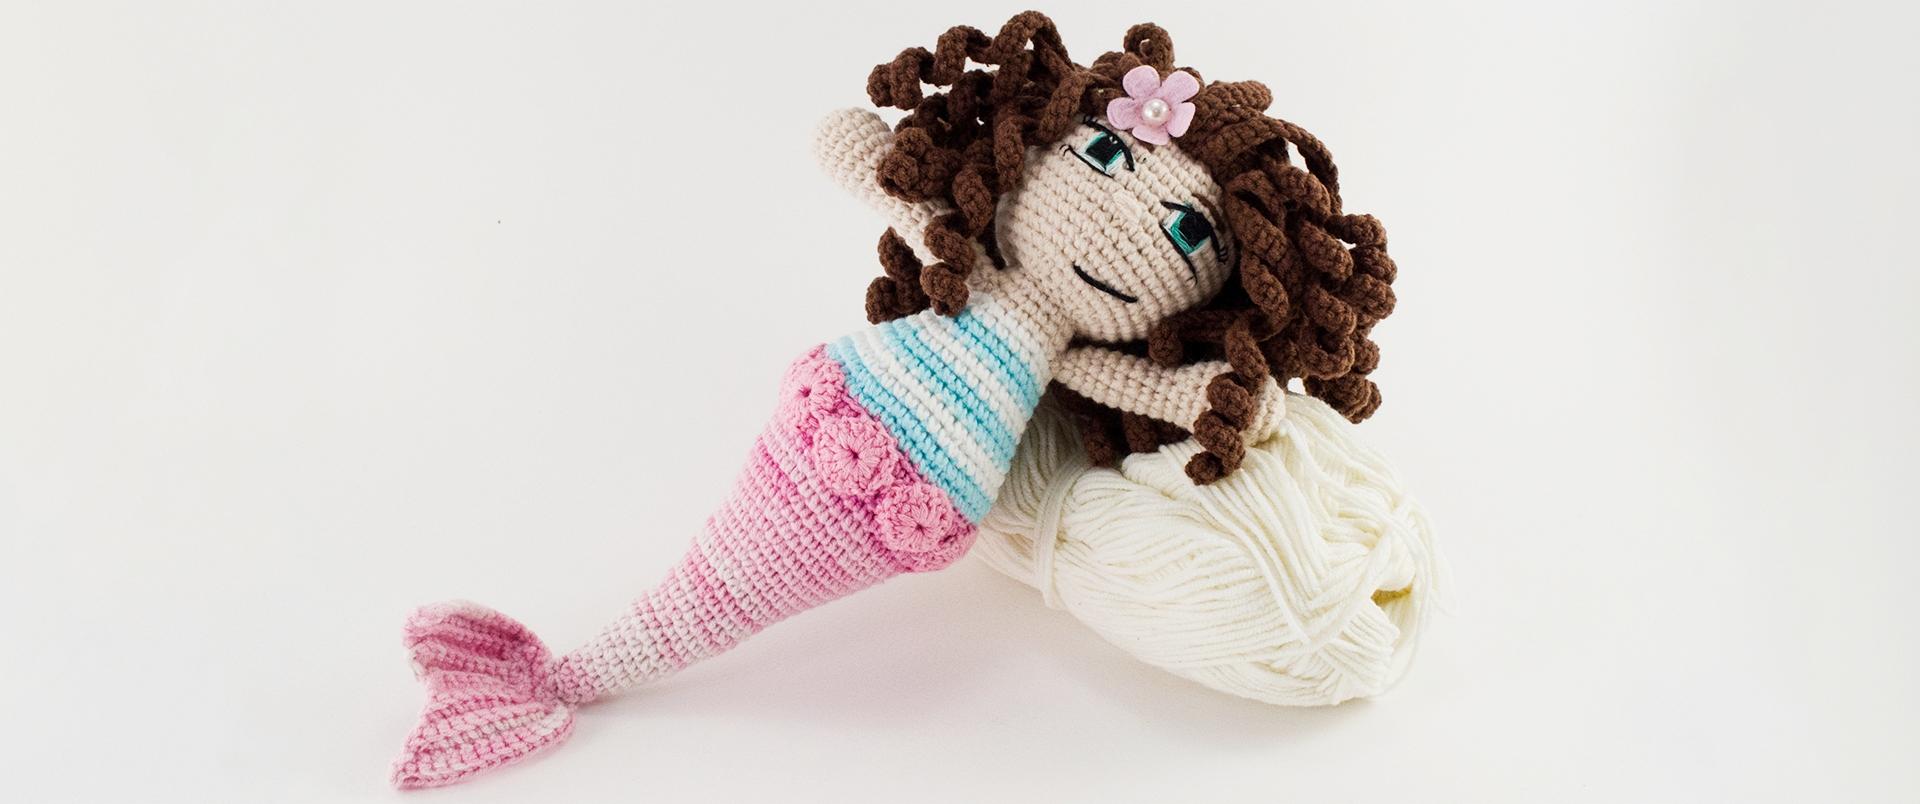 crochet sea siren front view